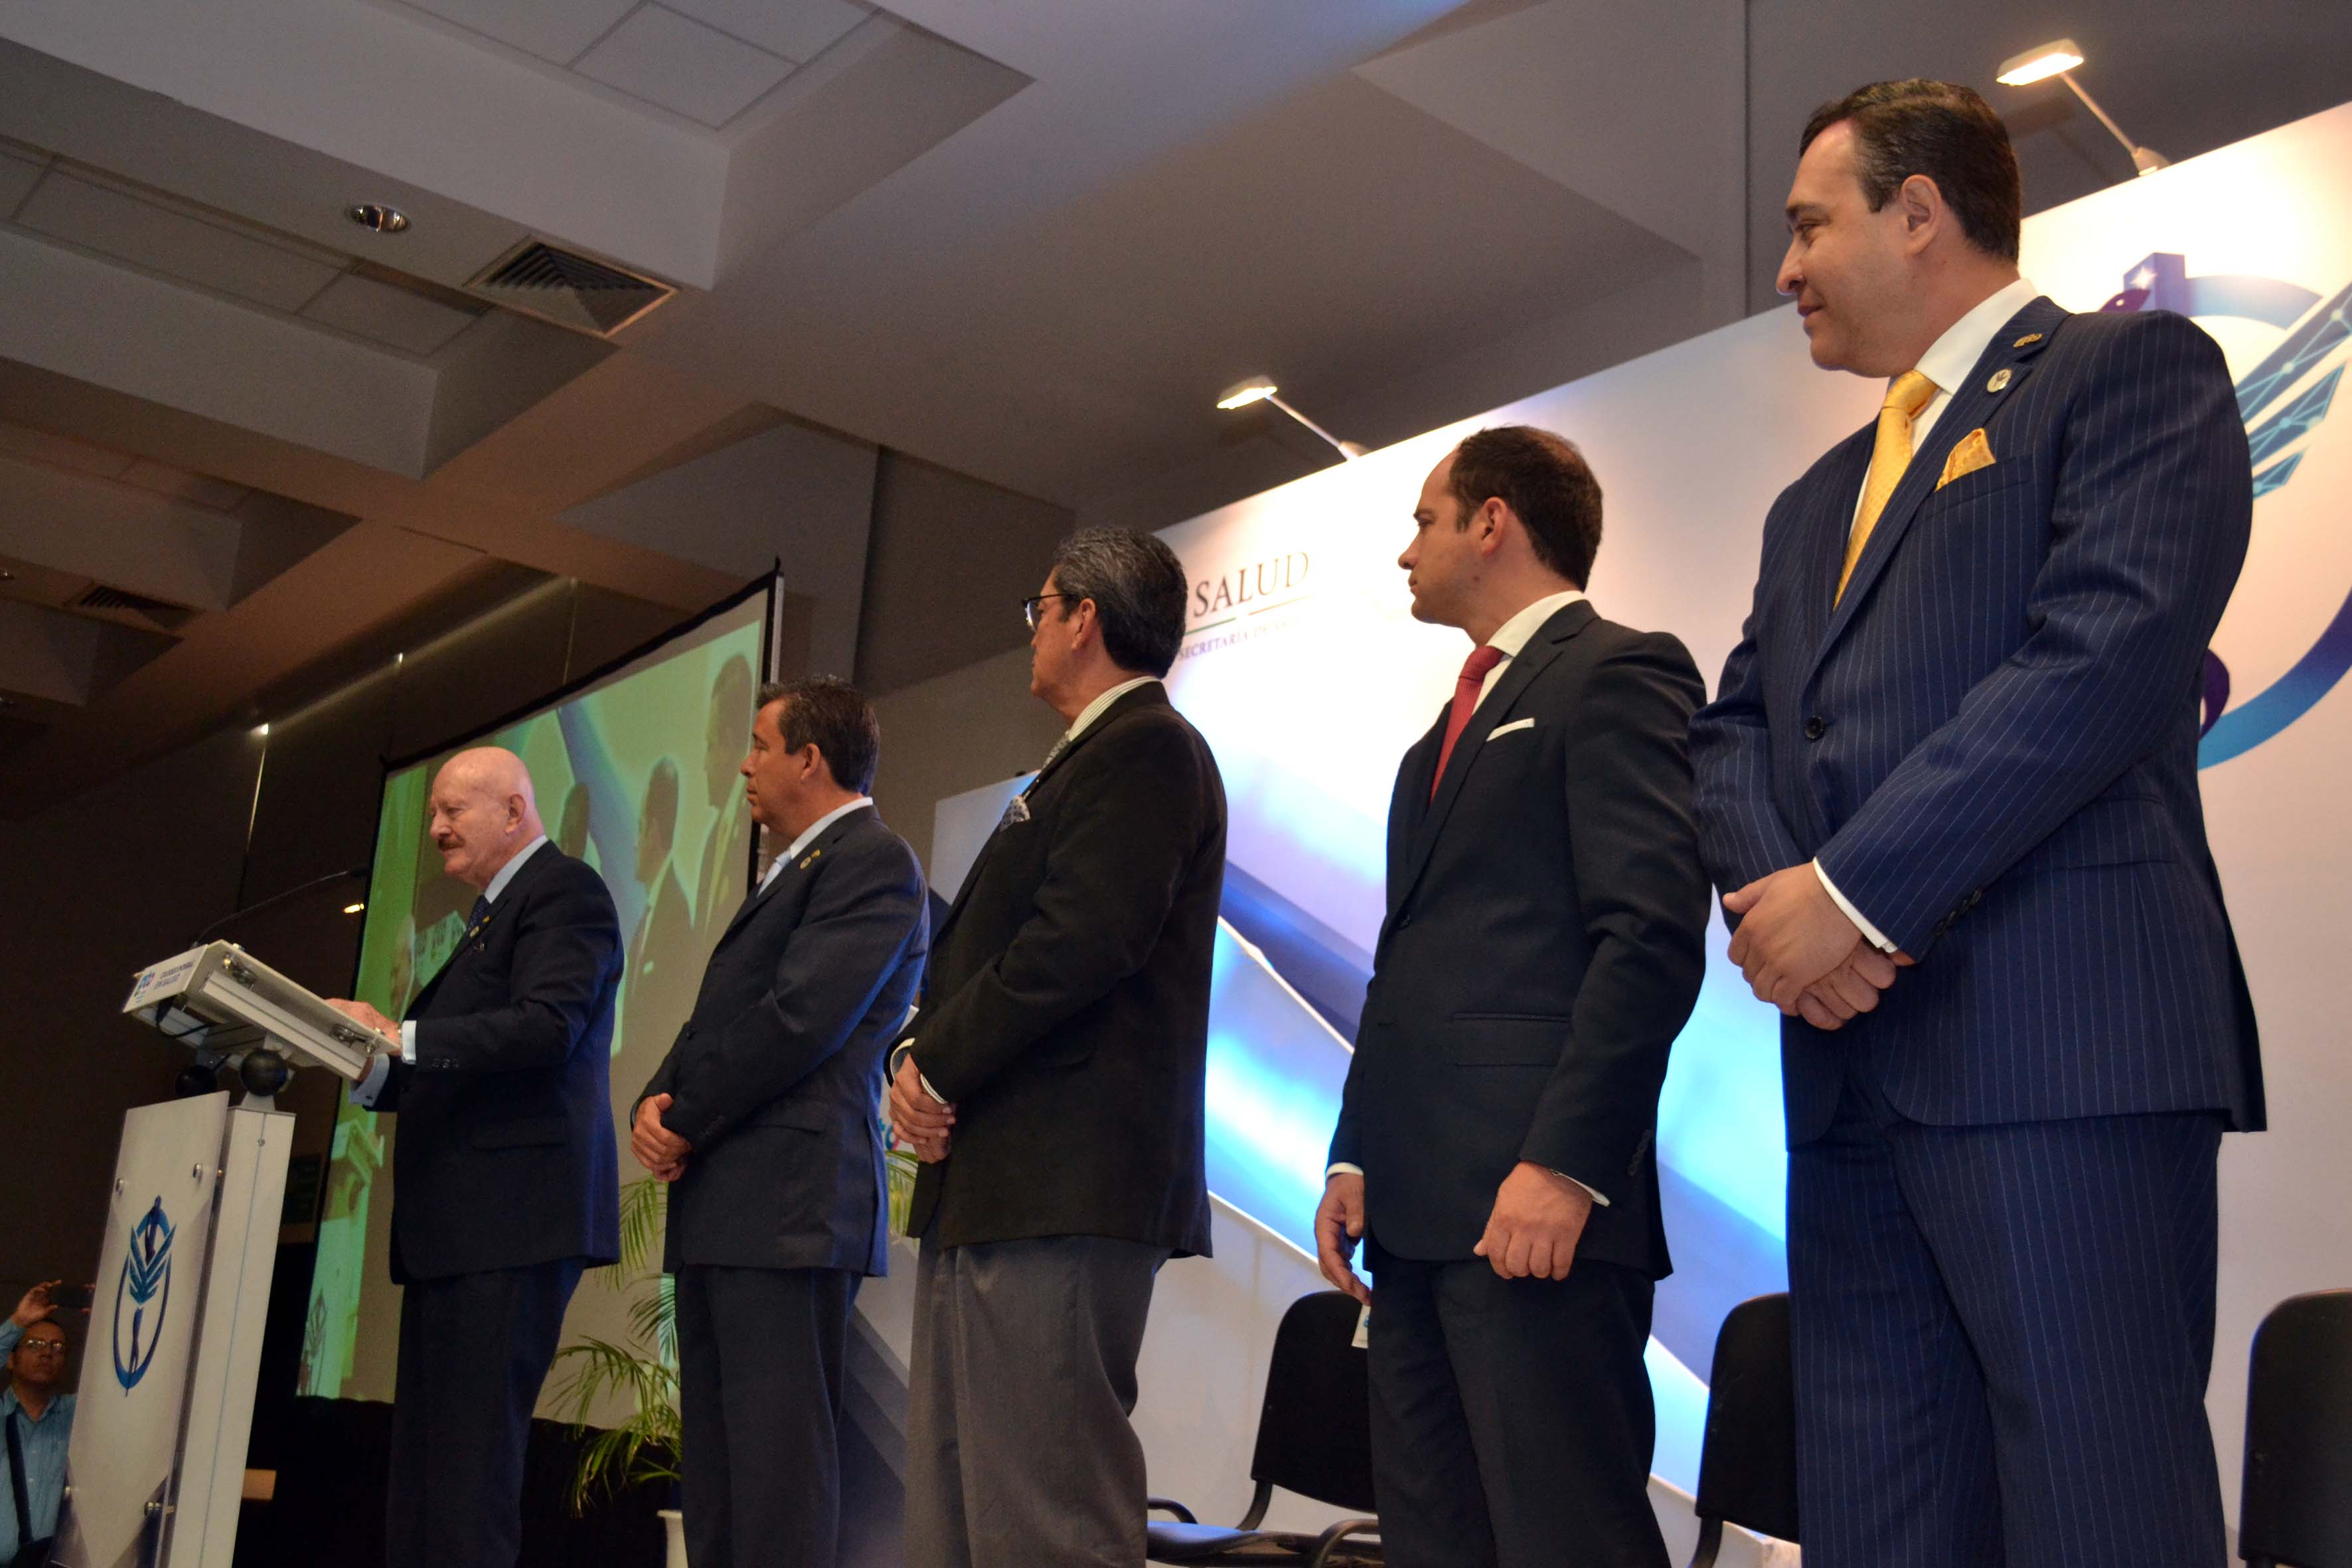 """El doctor Manuel Mondragón y Kalb Inauguró el Primer Coloquio Integral en Salud """"Pasos firmes hacia la cobertura universal""""."""